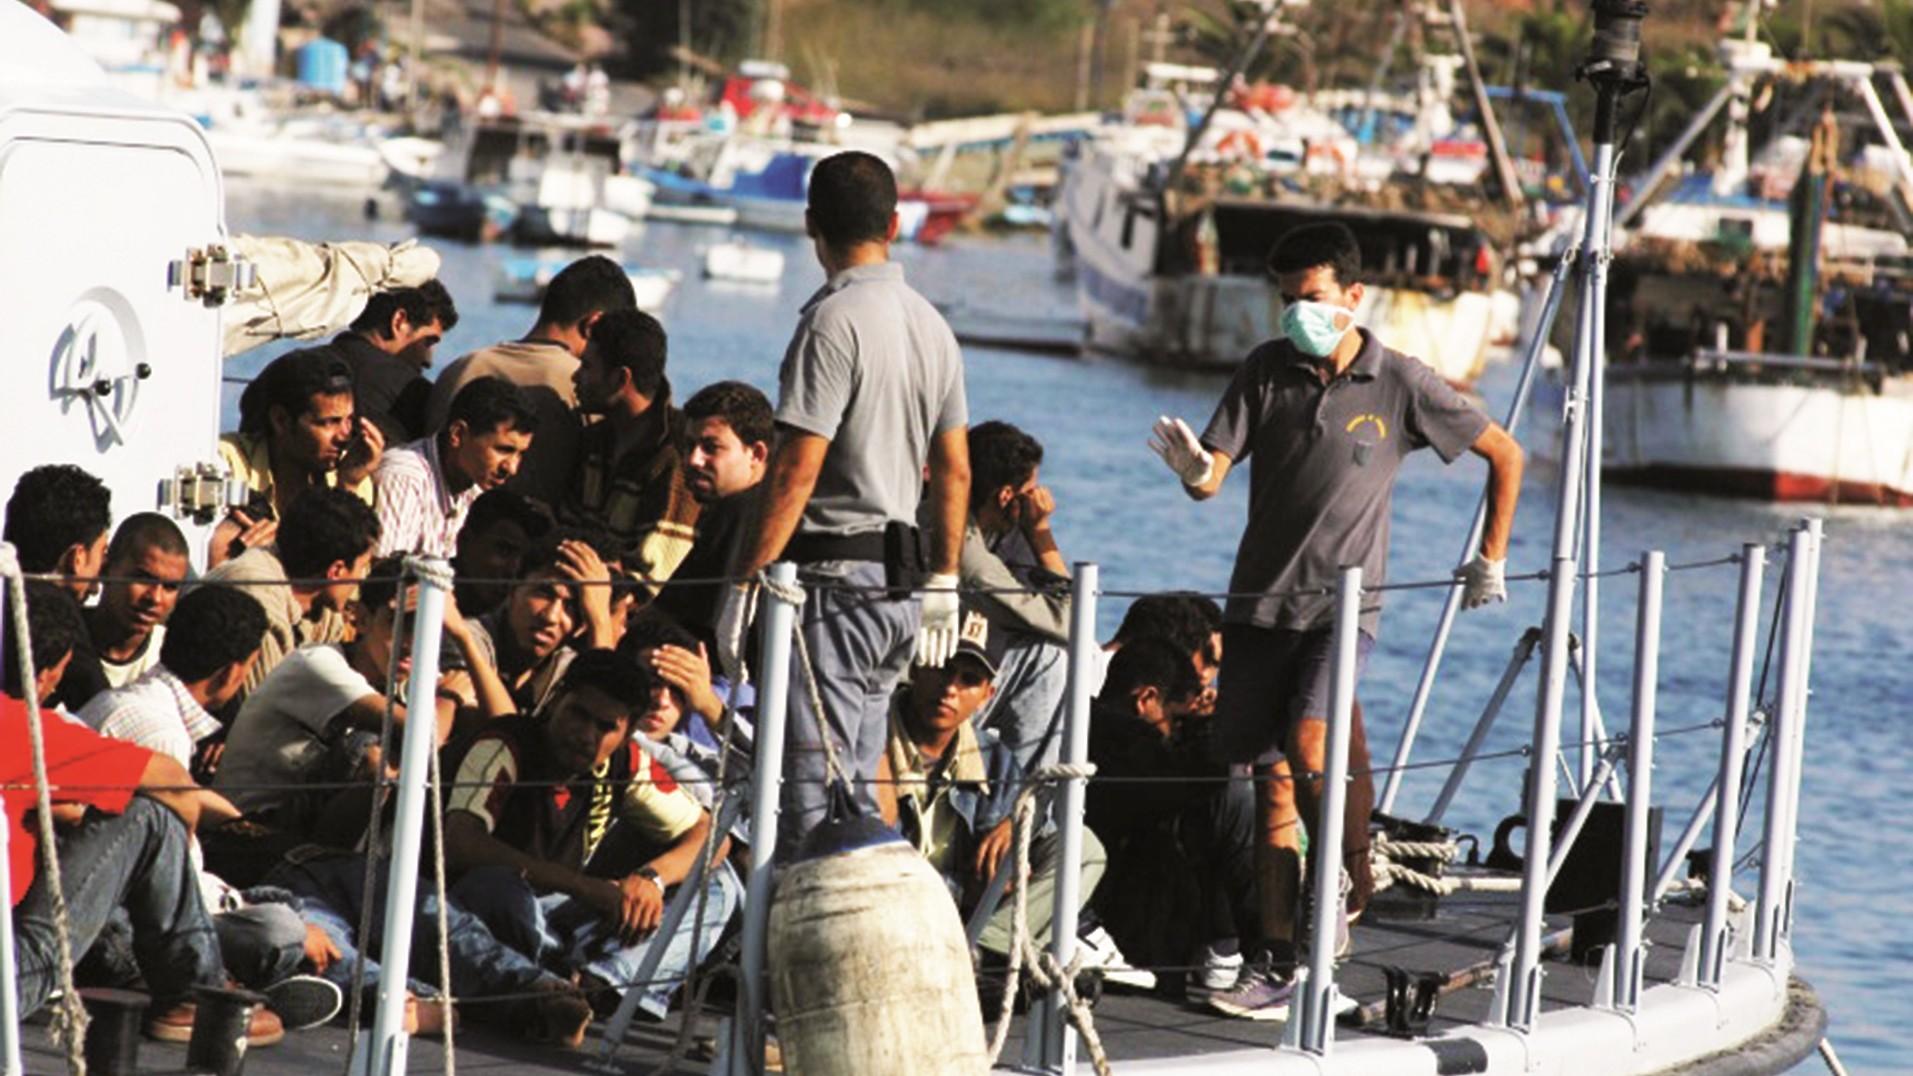 Trotz widrigster Bedingungen können sich nur die wenigsten Afrikaner die Flucht auf einem Schlepperboot leisten. Bild: Sara Prestianni / Wikimedia Commons (https://en.wikipedia.org/wiki/File:Lampedusa_noborder_2007-2.jpg), Lizenz: CC BY 2.0 (https://creativecommons.org/licenses/by/2.0/deed.en)